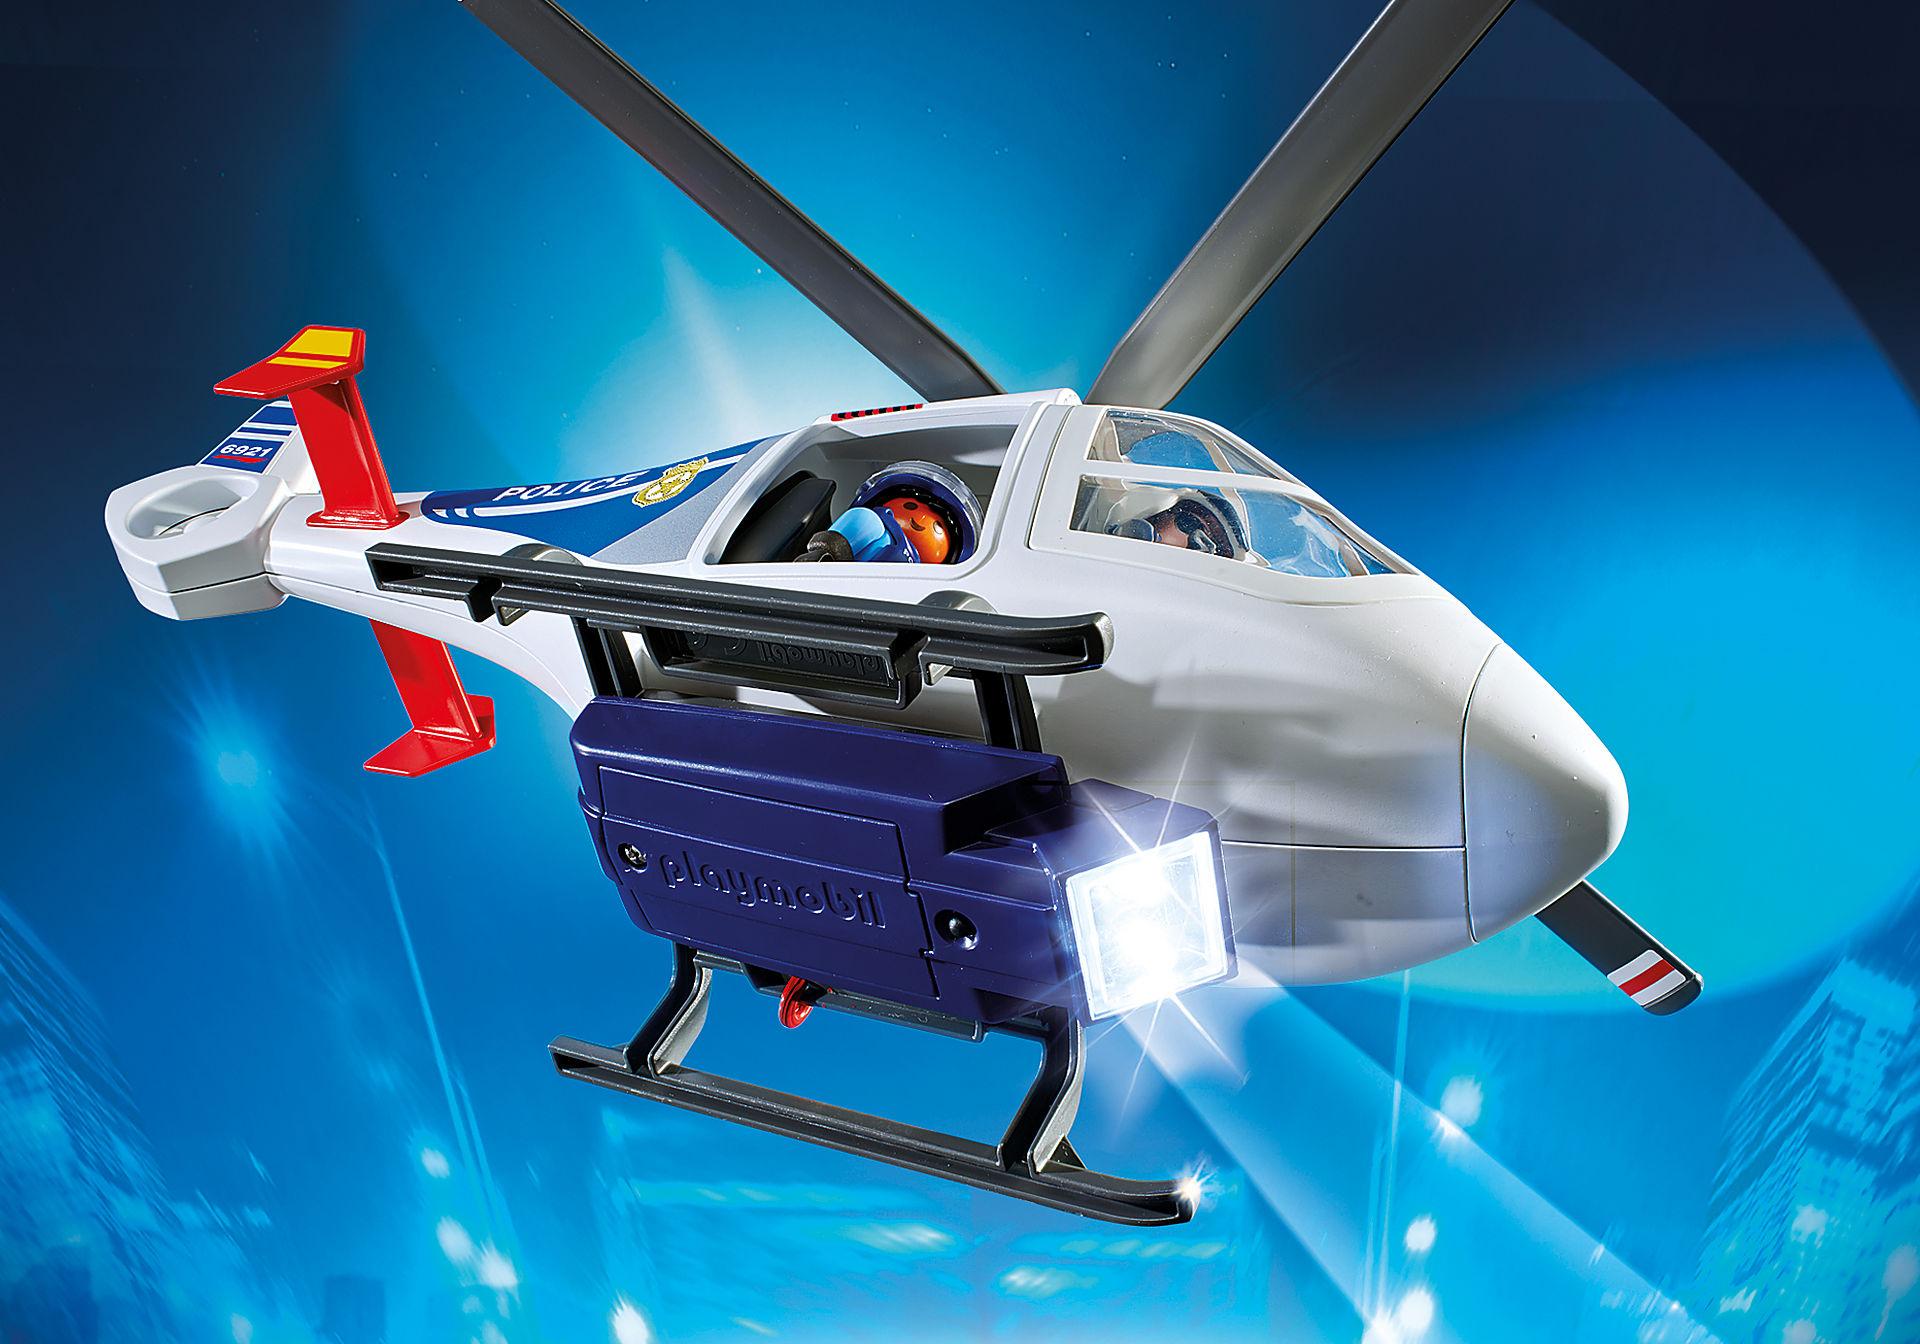 6921 Elicottero della polizia con luce di avvistamento zoom image6